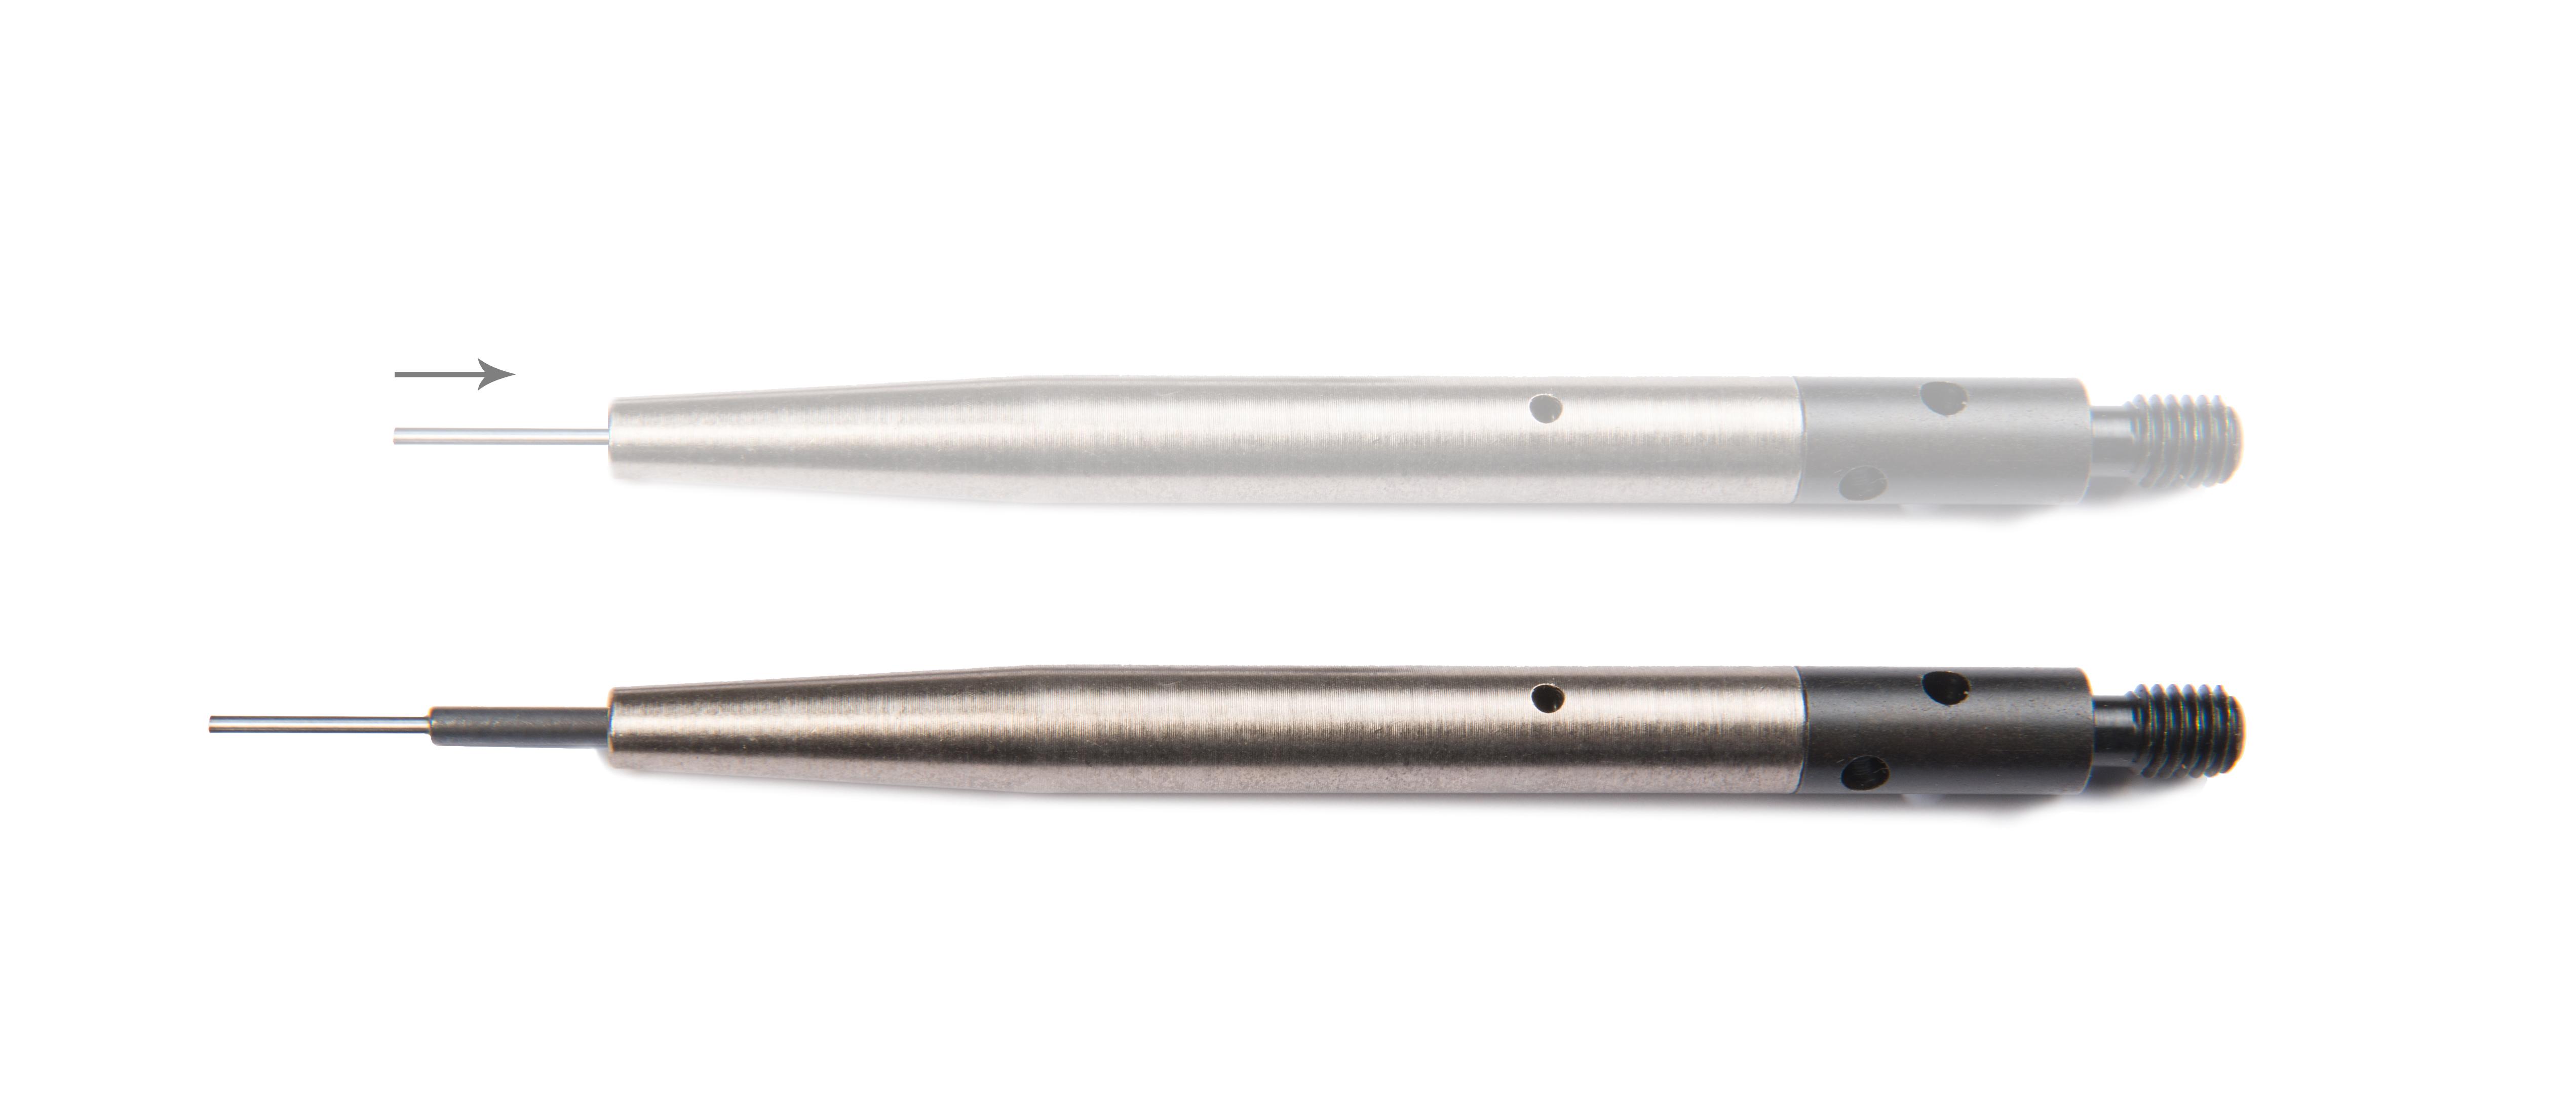 260-onderuitbreekpen D = 8 mm met 1,5 mm punt